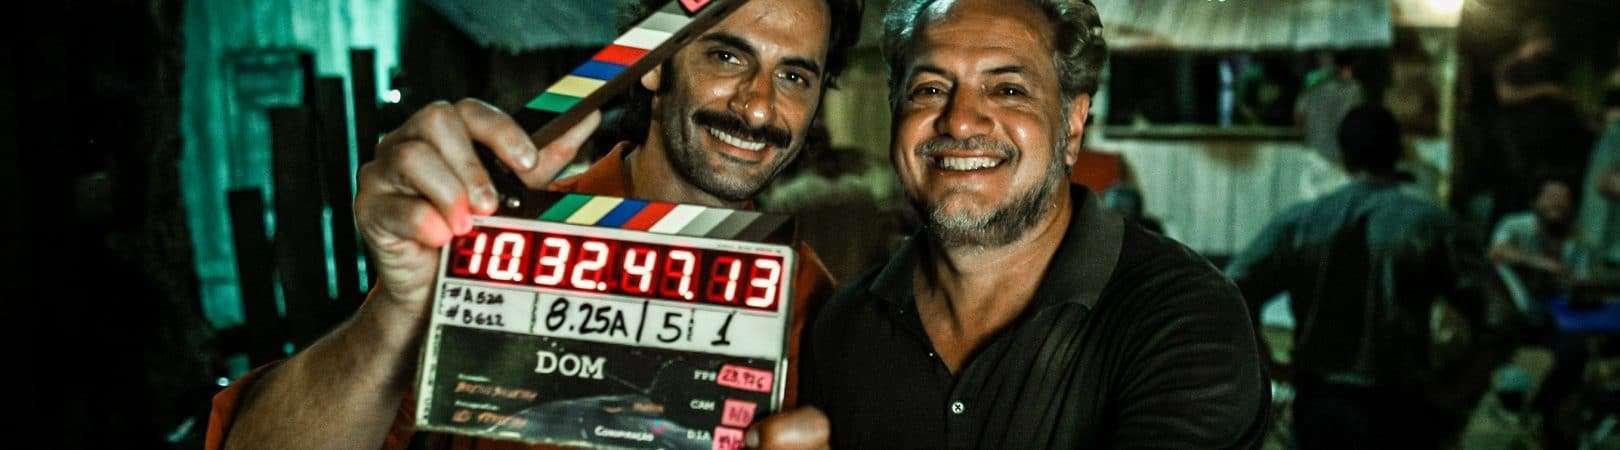 Breno Silveira e Flavio Tolezani no set de 'DOM'. Imagem: Serendipity/Divulgação